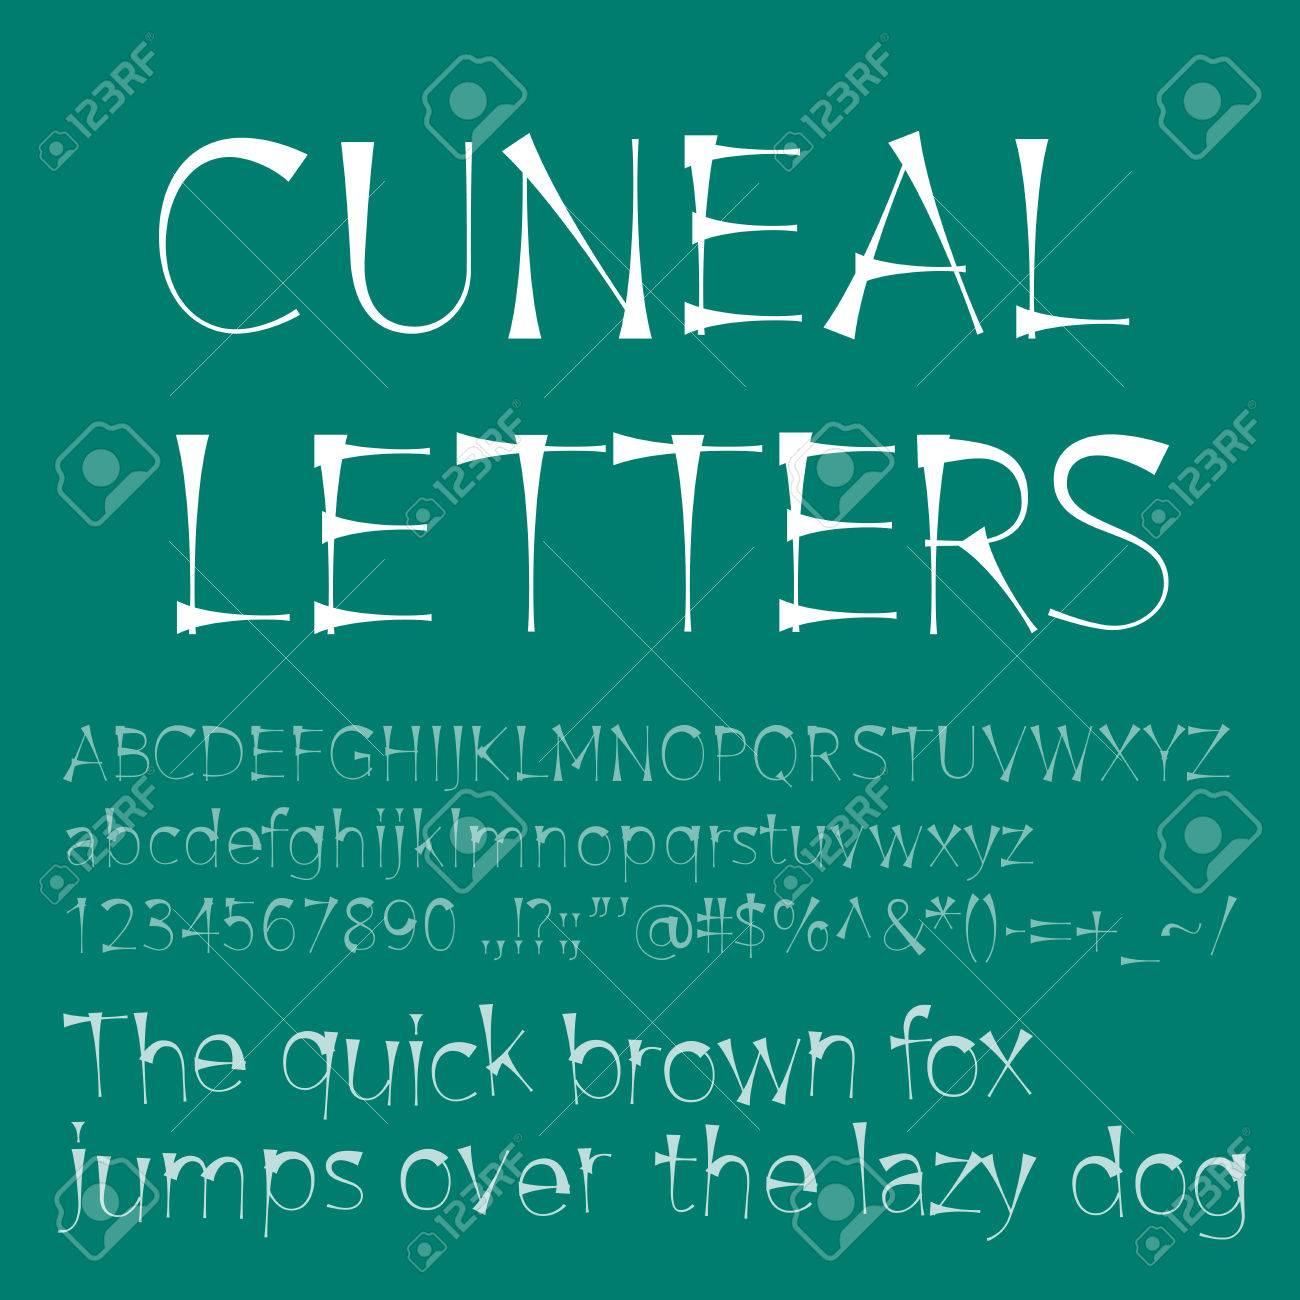 Vector Cuneal Buchstaben Und Zahlen. Eps8. RGB. Globale Farben ...